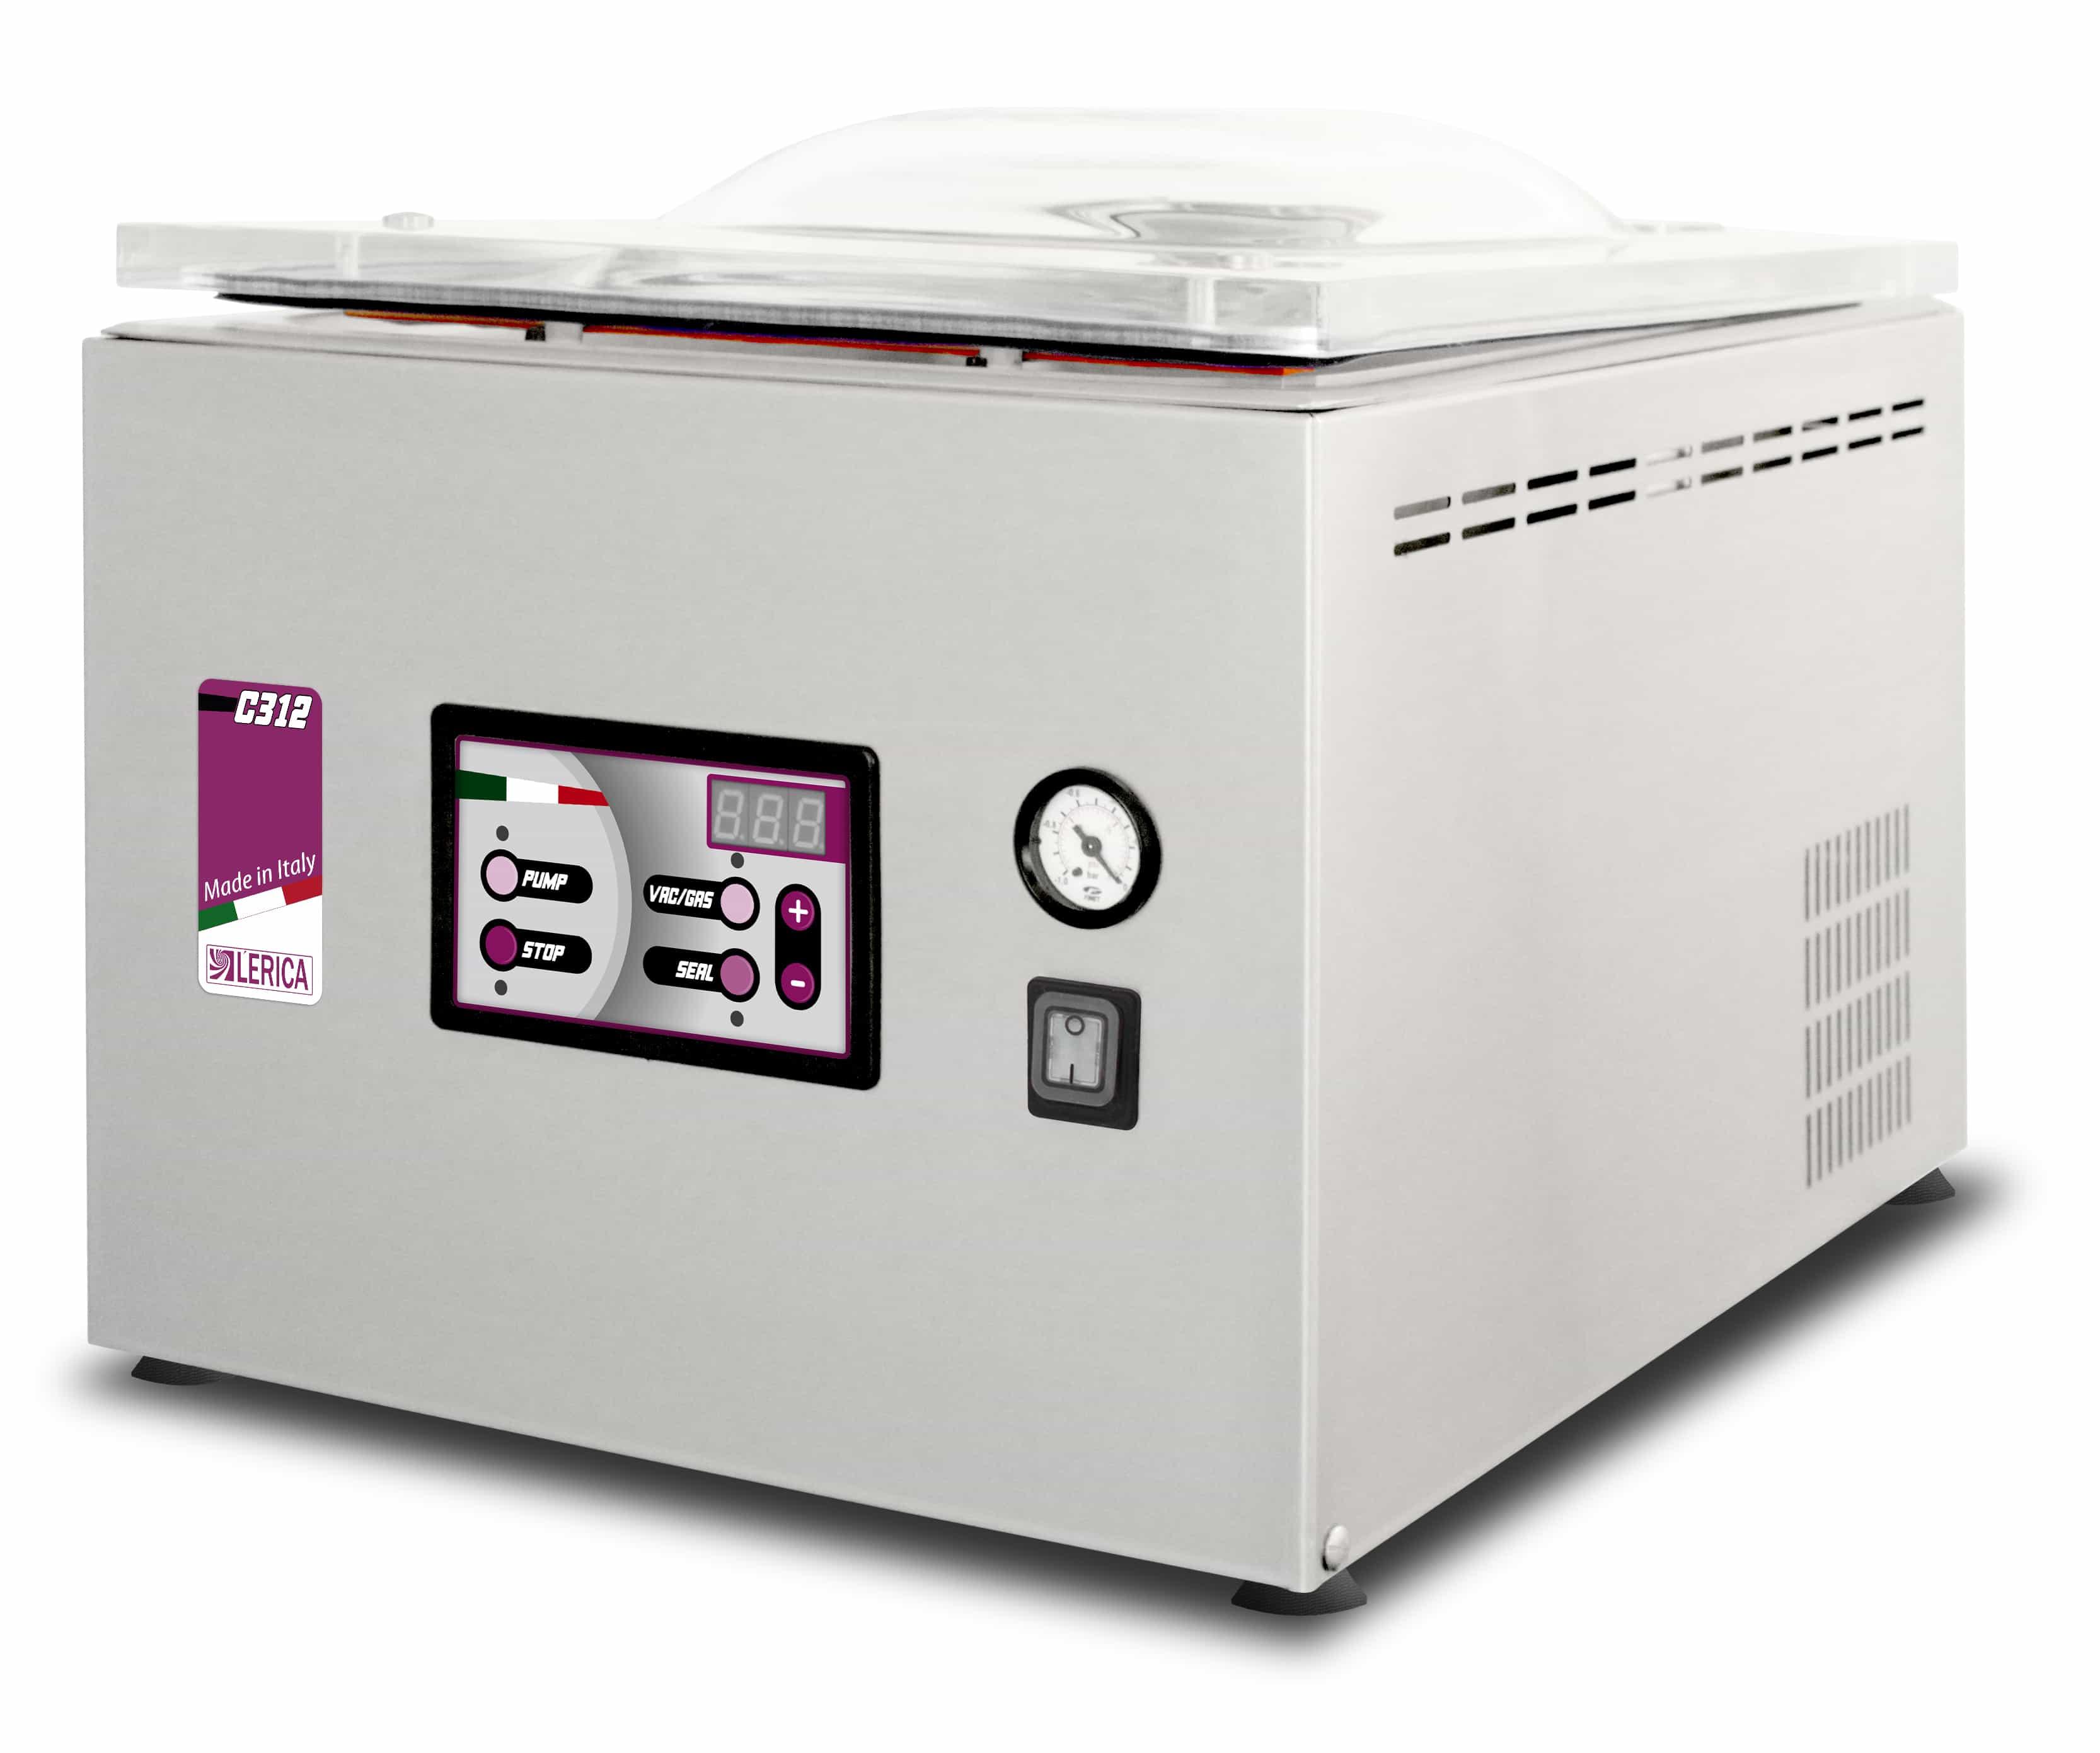 Вакуумные камерные упаковочные машины LERICA